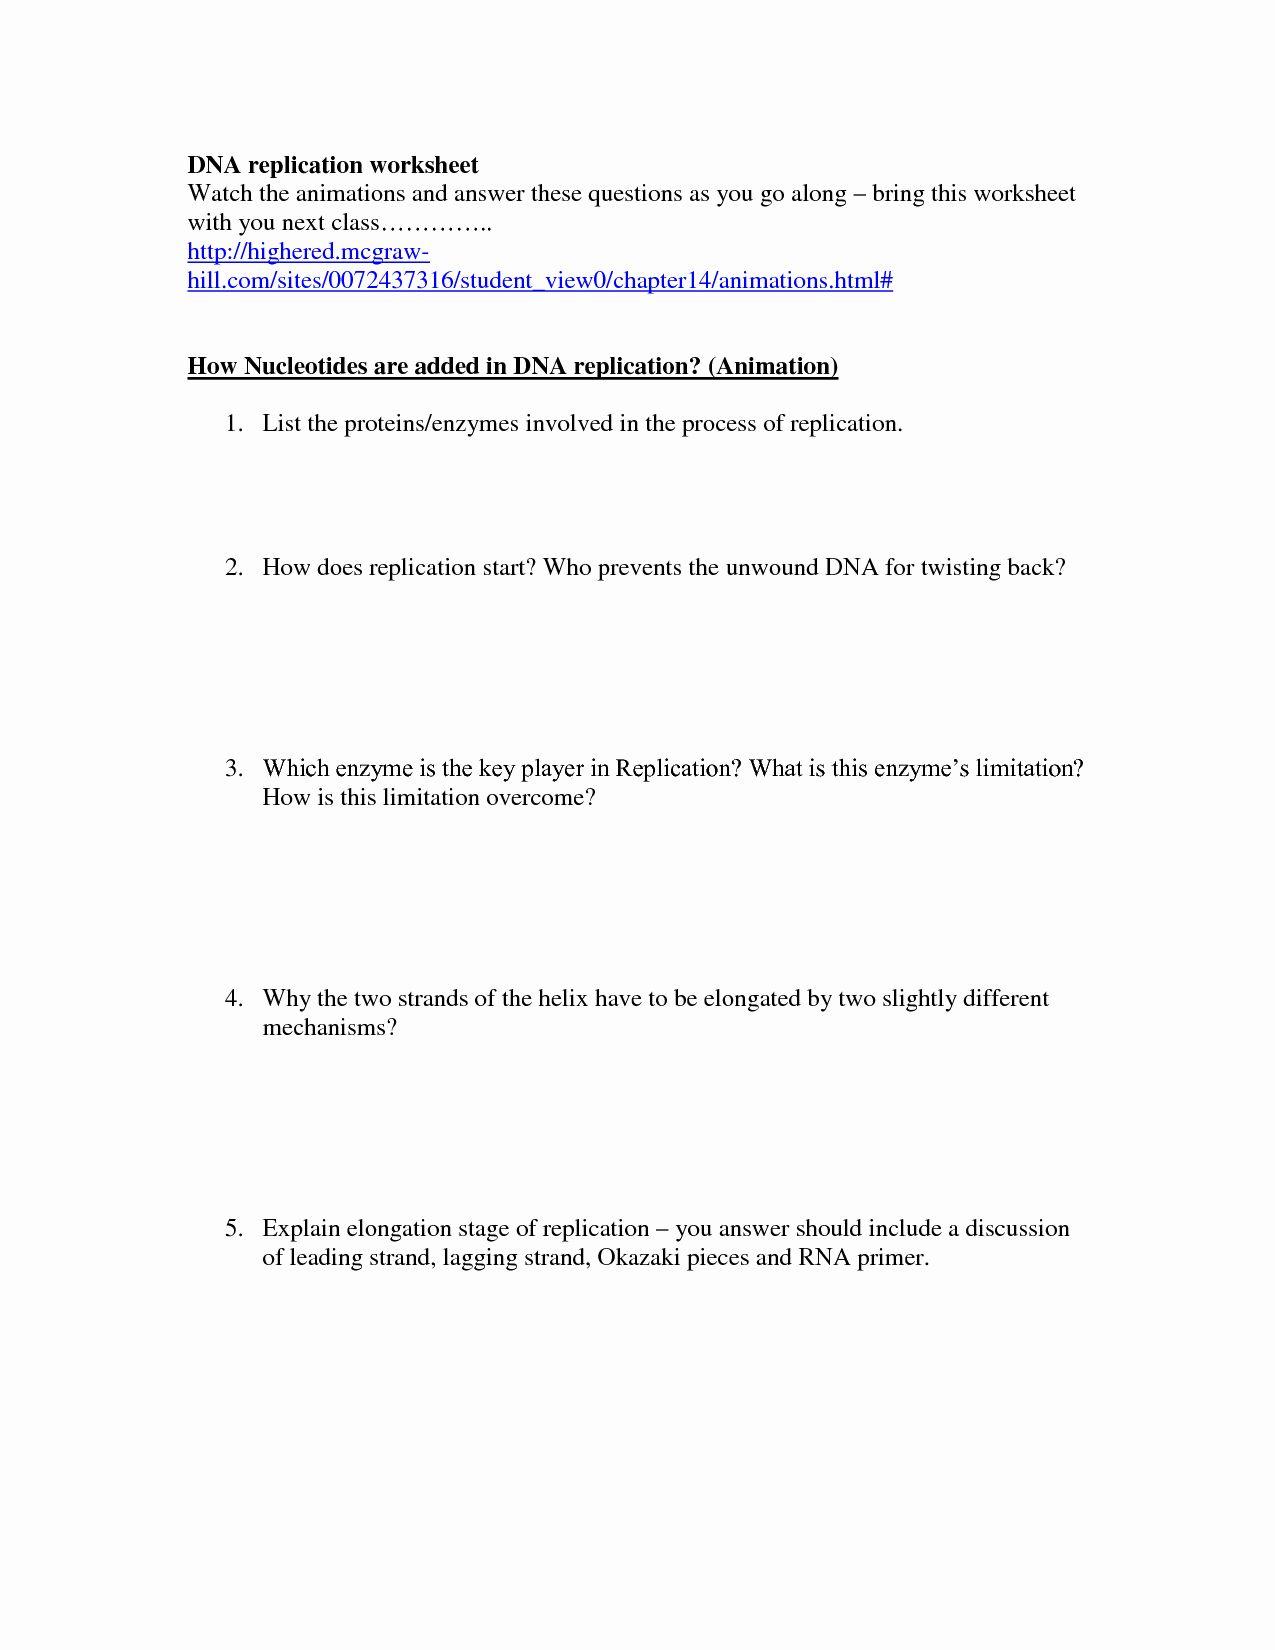 Dna Replication Worksheet Key Lovely 19 Best Of Dna